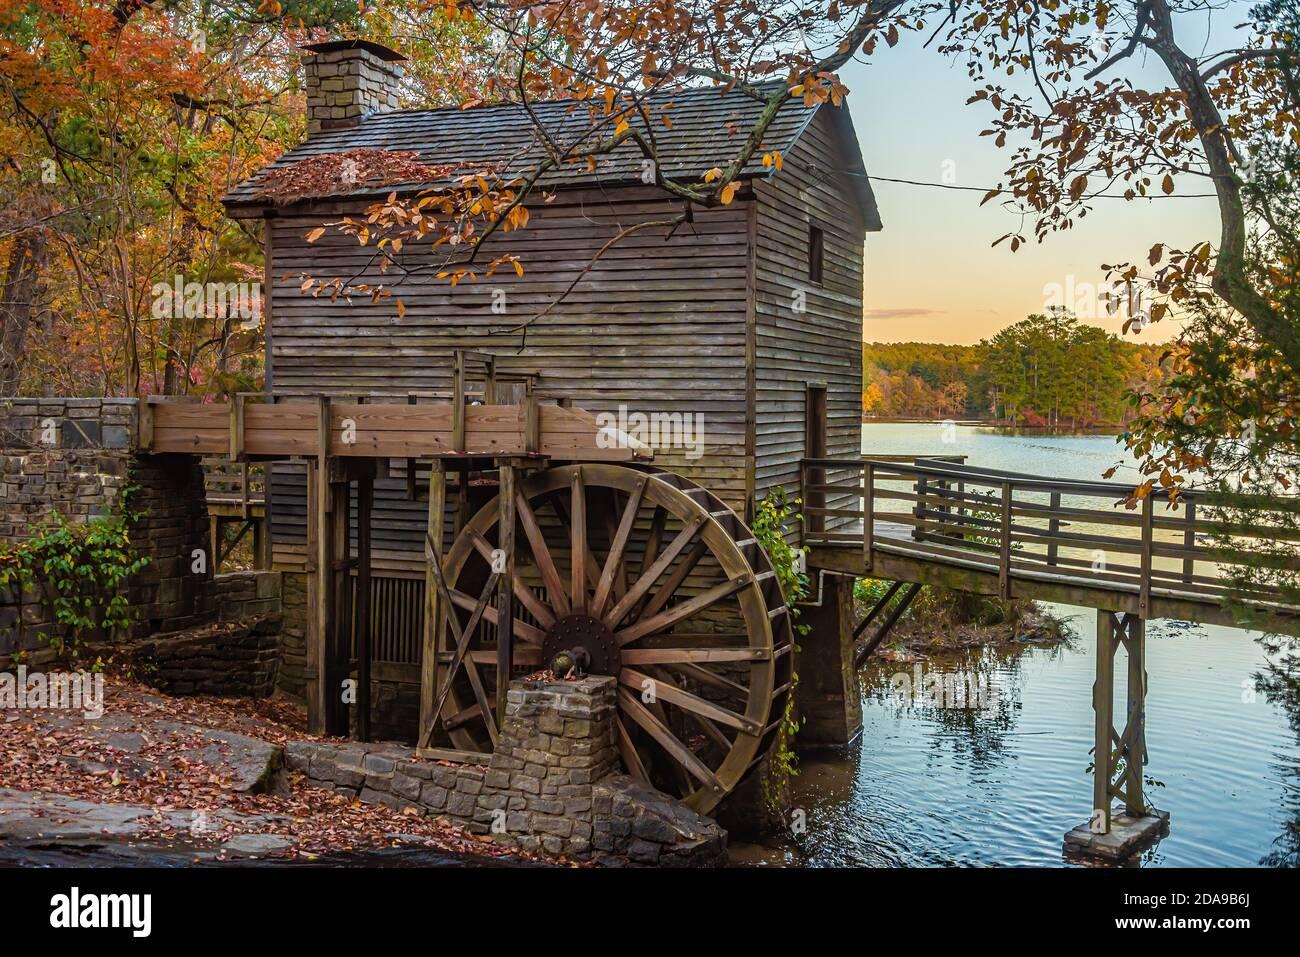 Soirée d'automne au moulin de Stone Mountain dans le parc de Stone Mountain, près d'Atlanta, en Géorgie. (ÉTATS-UNIS) Banque D'Images